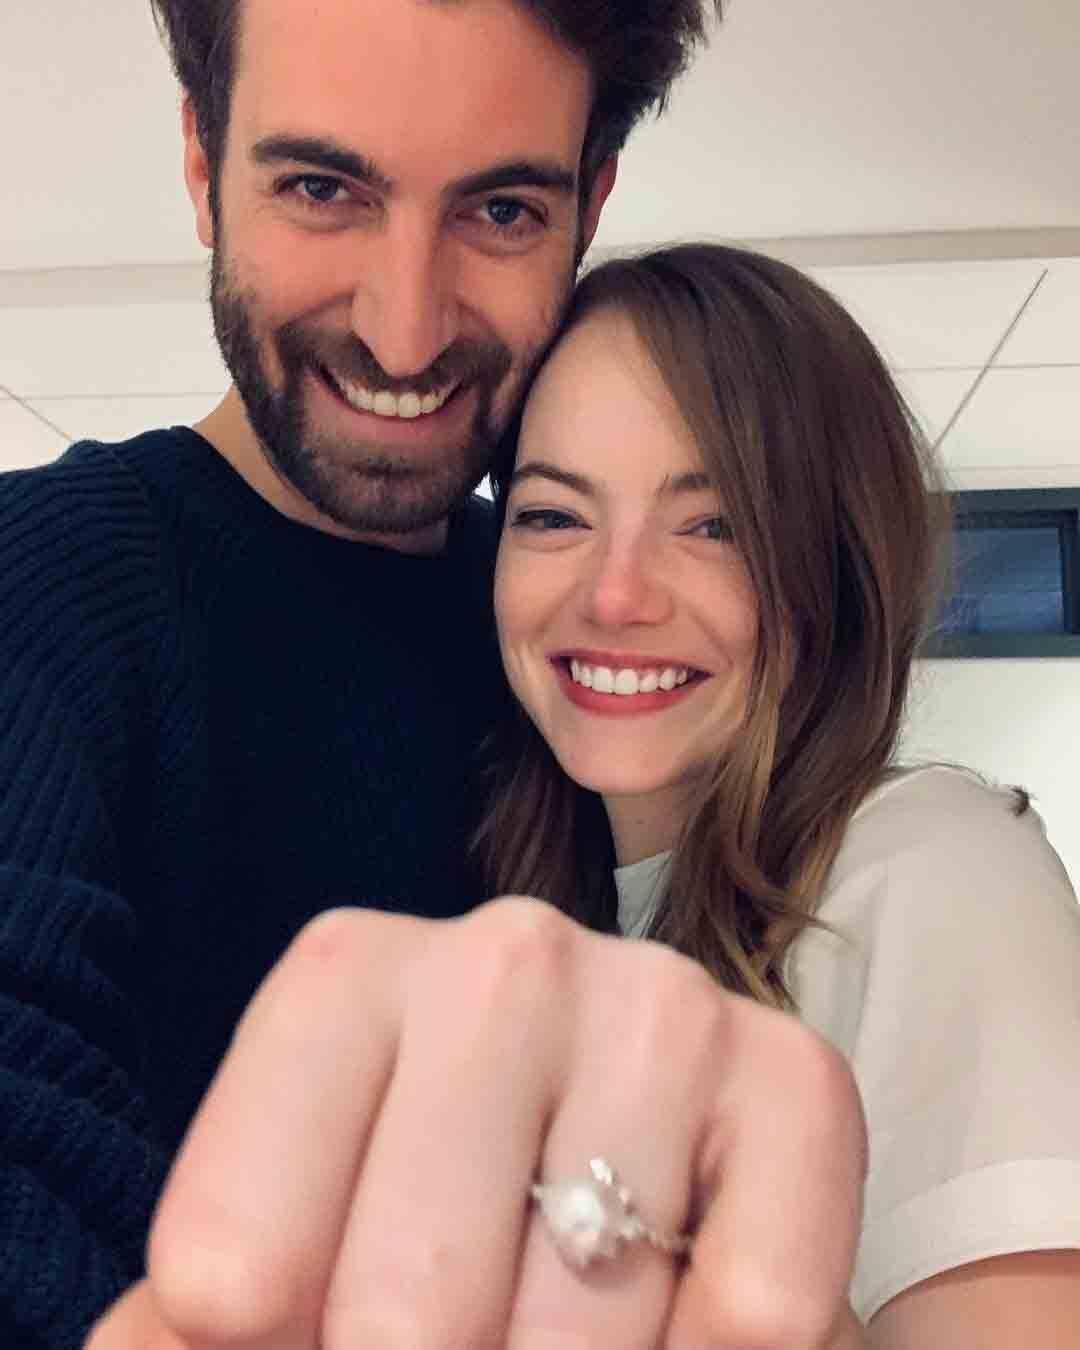 Dave e Emma se conheceram em 2016, quando ela apresentou o humorístico Saturday Night Live e ele dirigia uma esquete para o programa. Foto: Reprodução Instagram